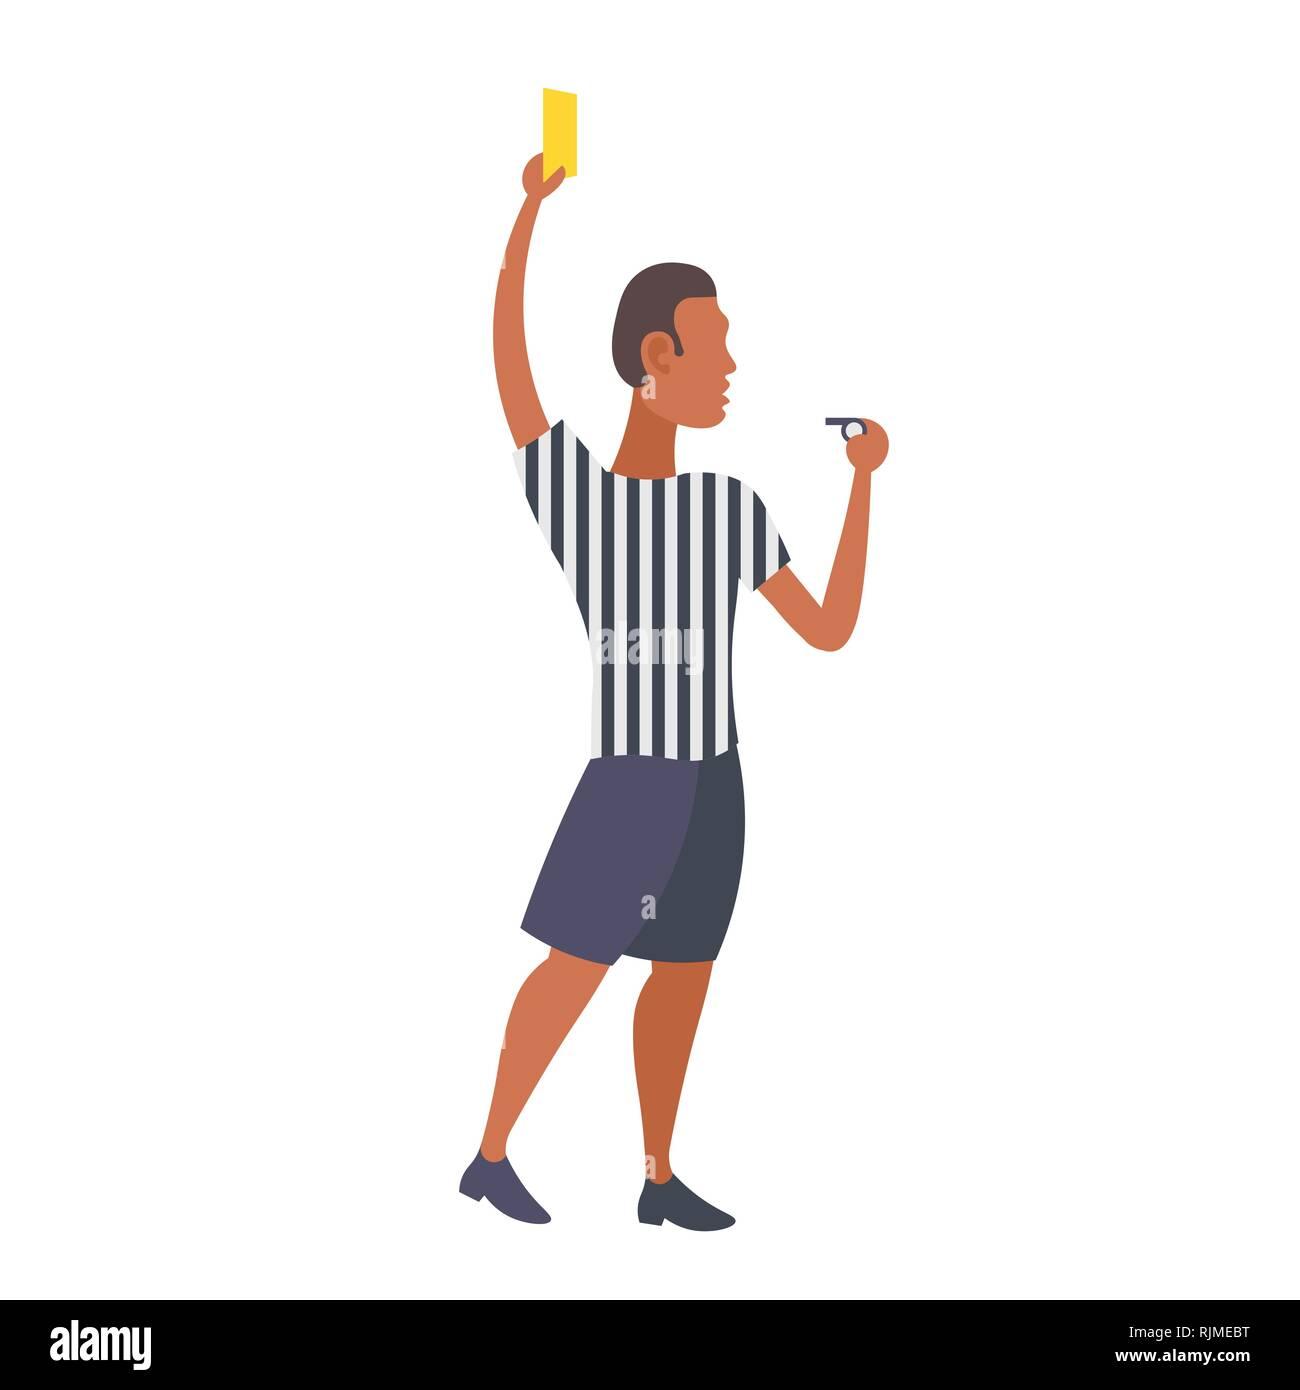 Man Professionellen Fussball Schiedsrichter Mit Gelb Rote